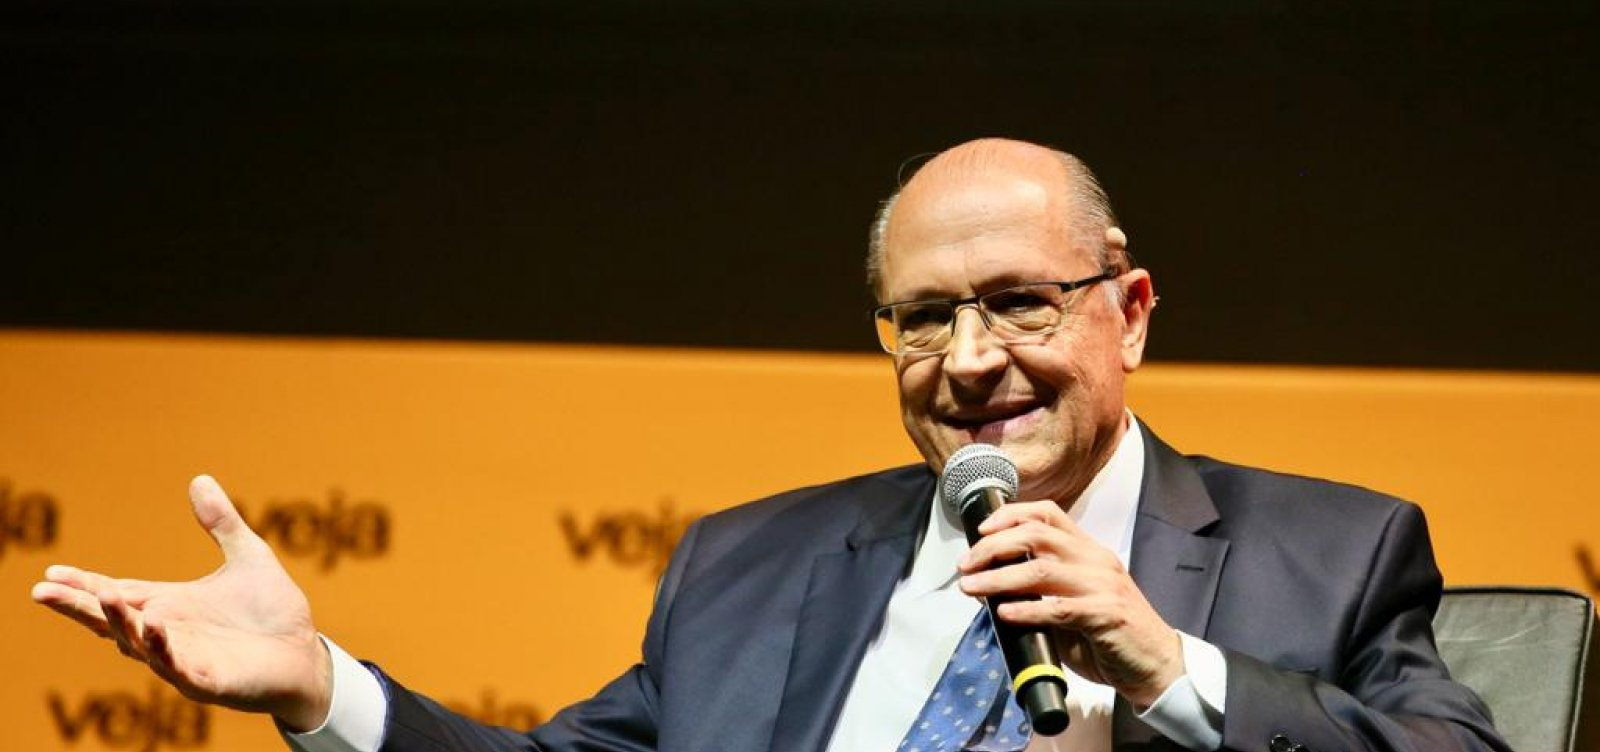 [Candidato defende 'menos partidos e voto facultativo' e admite que PSDB está 'fragilizado']